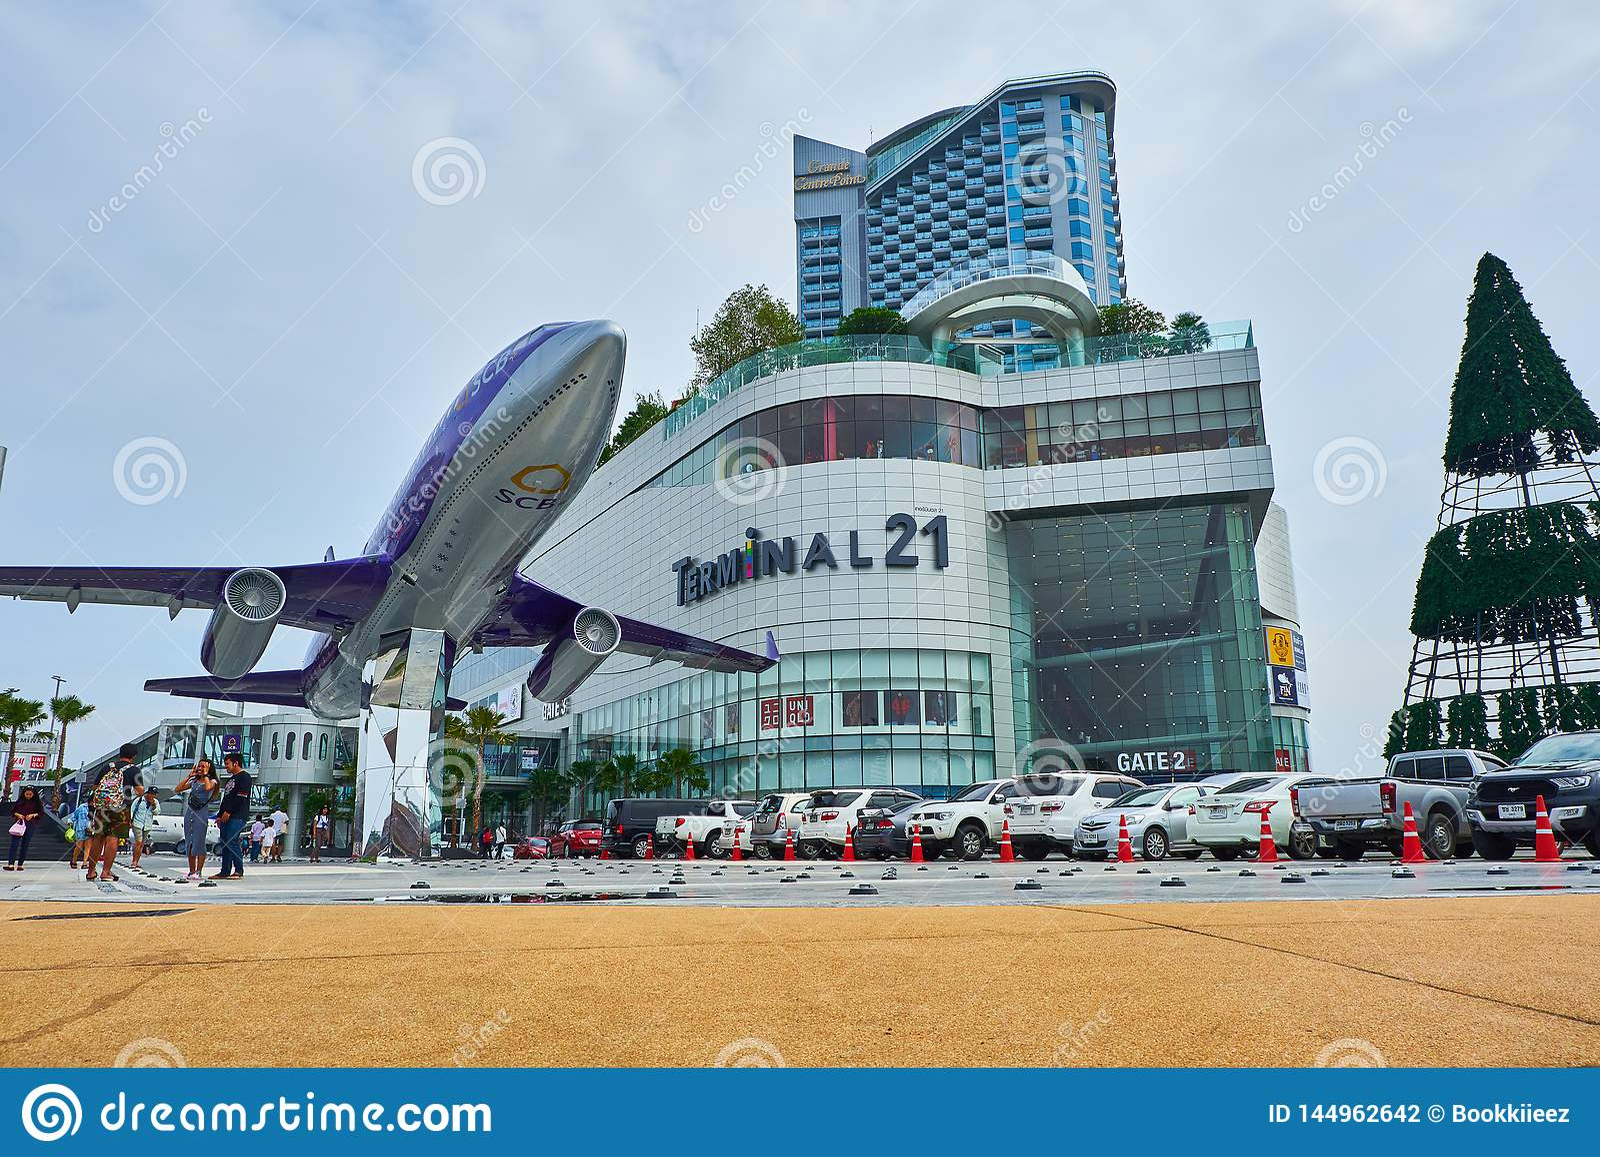 La vue de face du terminal 21 Pattaya de centre commercial